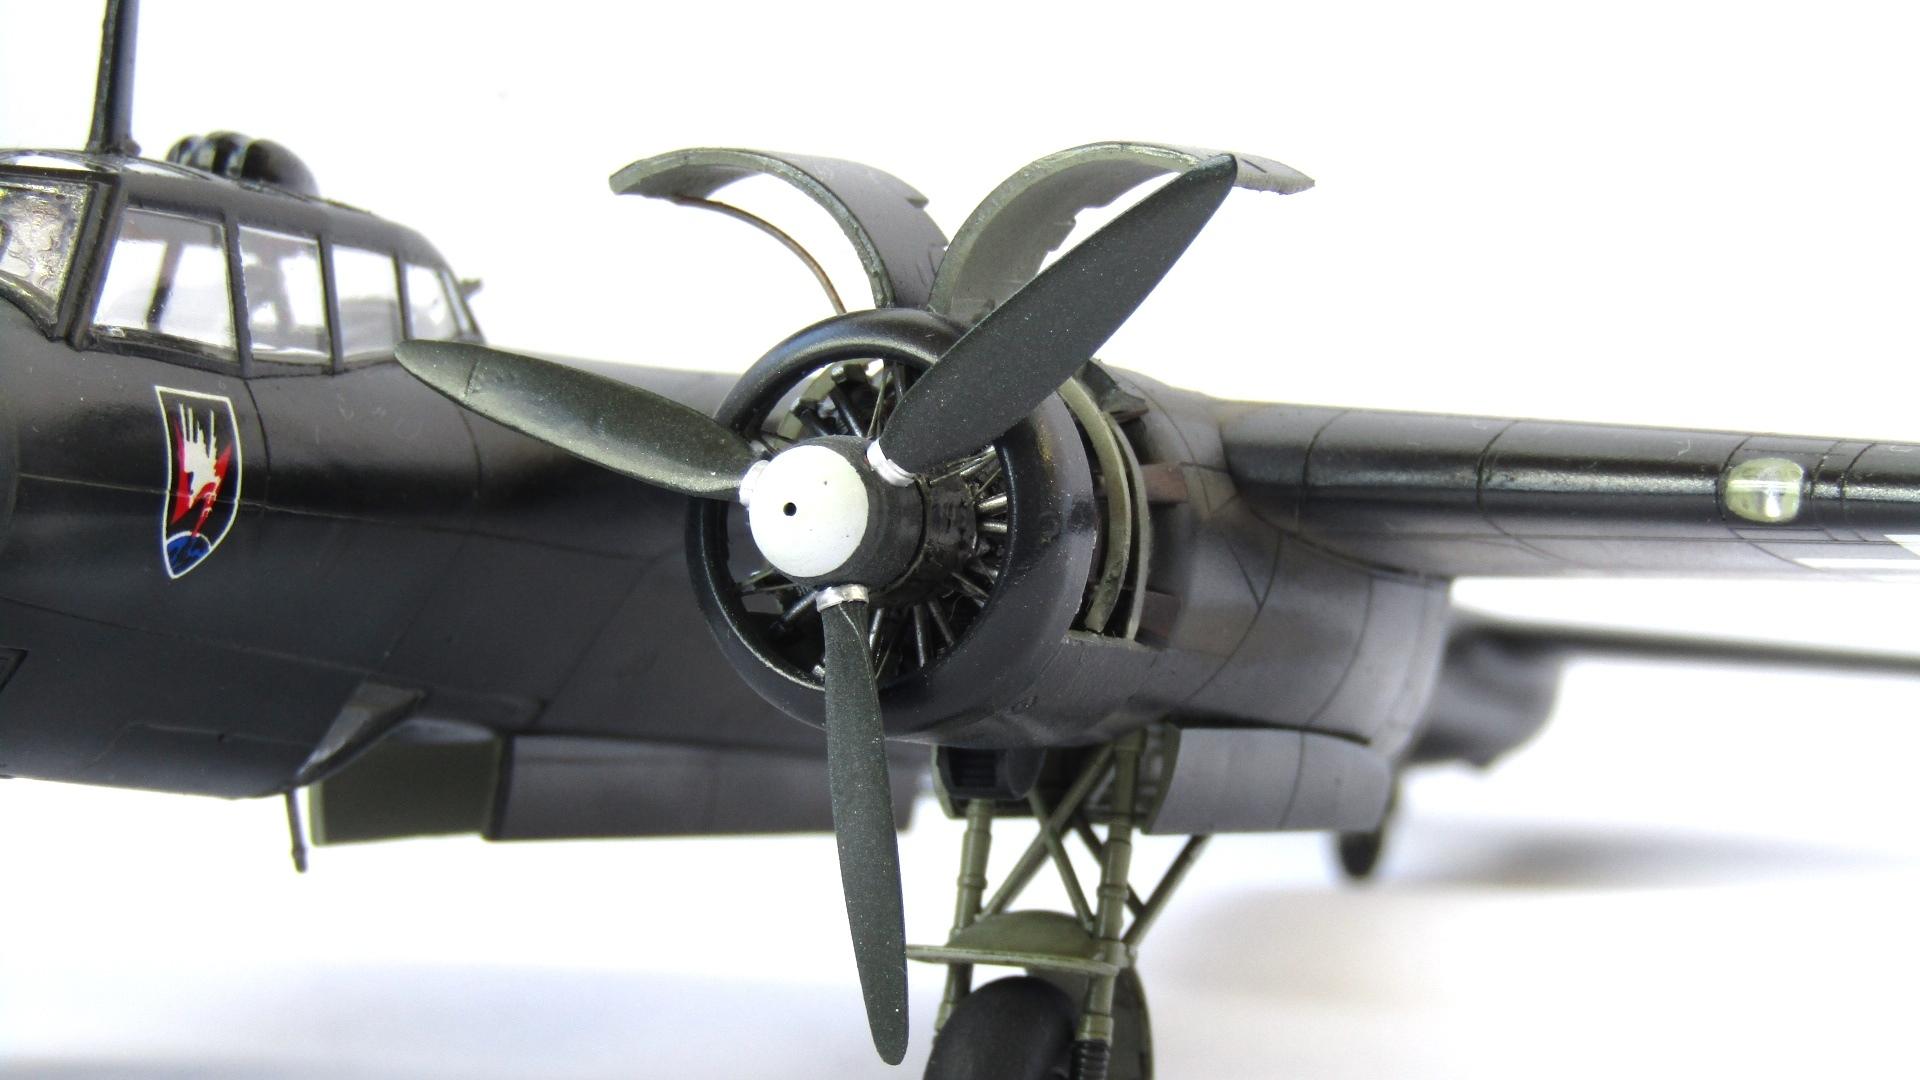 Do-17 Z-7 1/72 (ICM) O1qlH0HqBlM